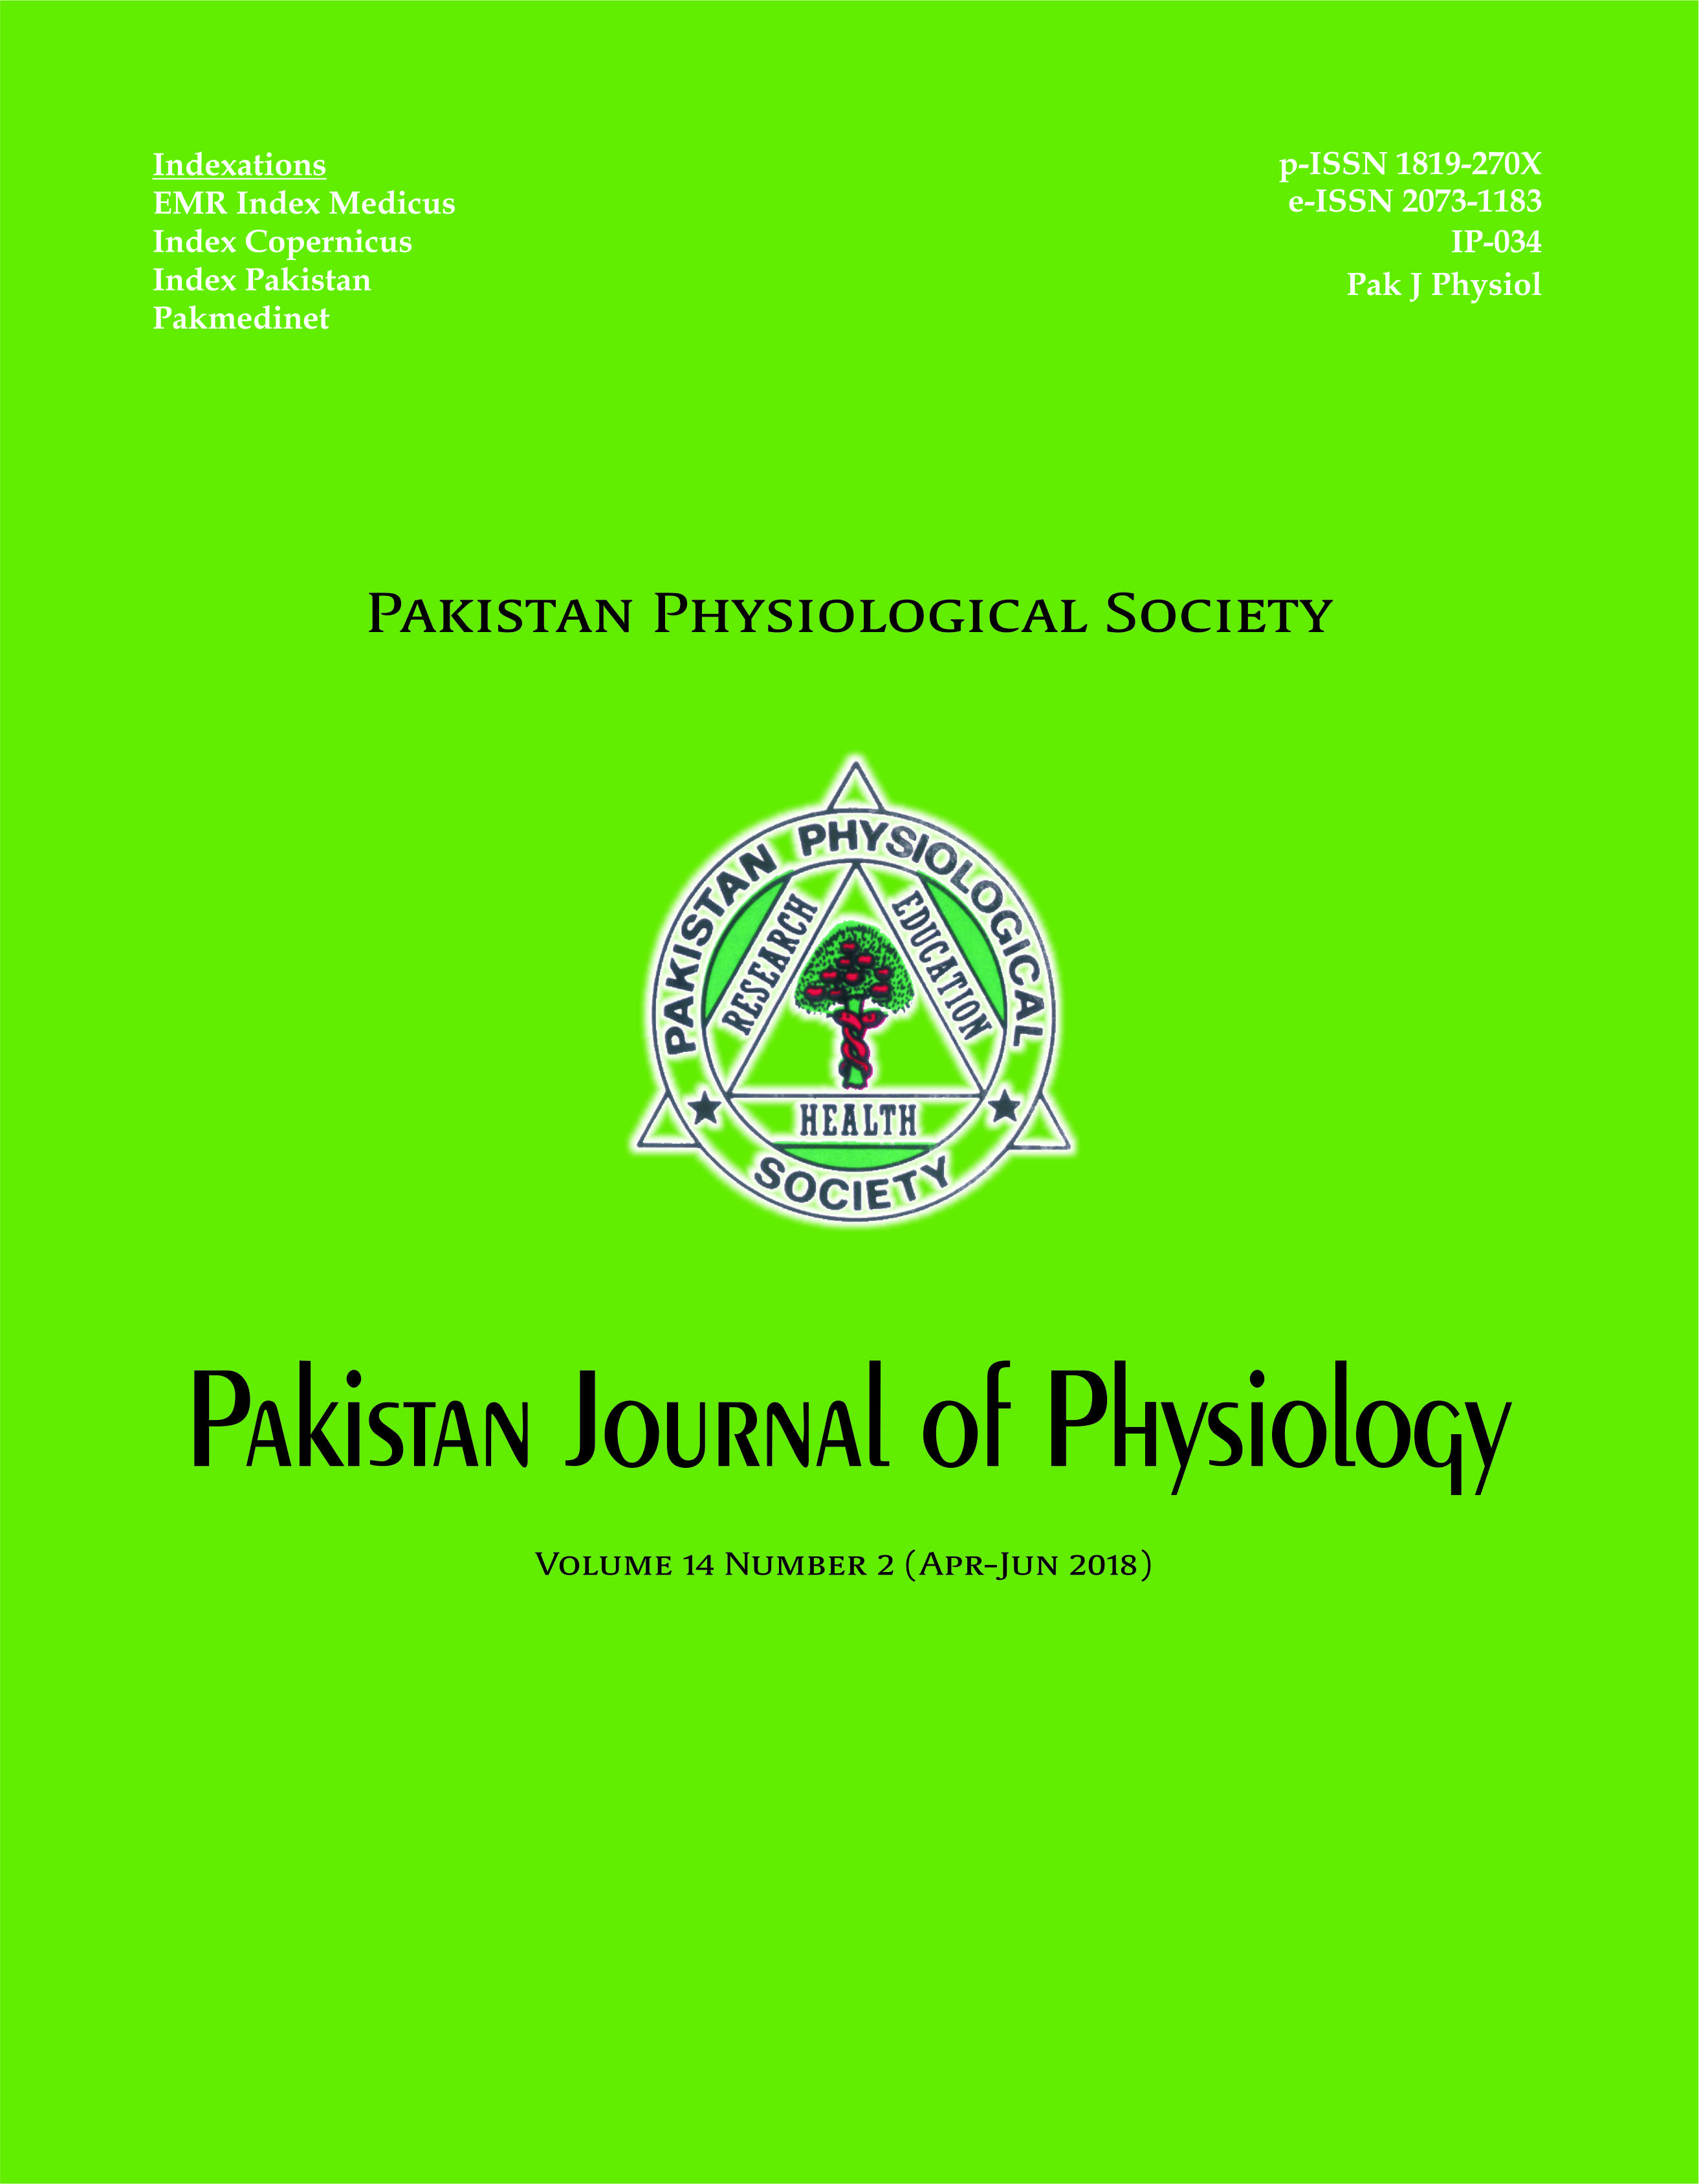 Pak J Physiol 2018;14(2)